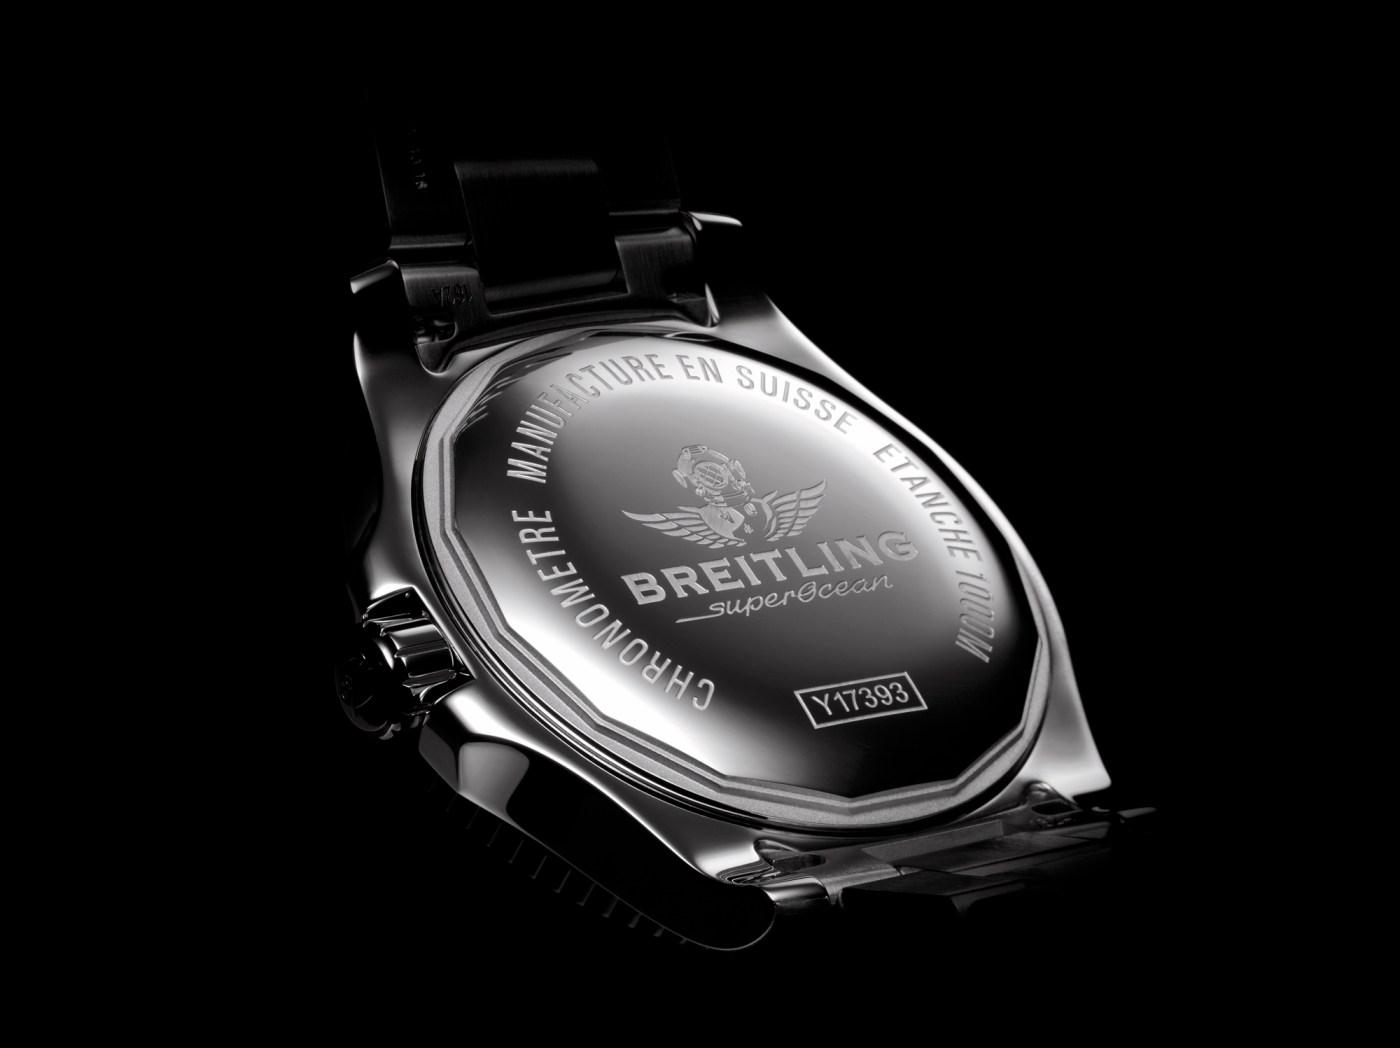 Breitling Superocean 44 Special caseback